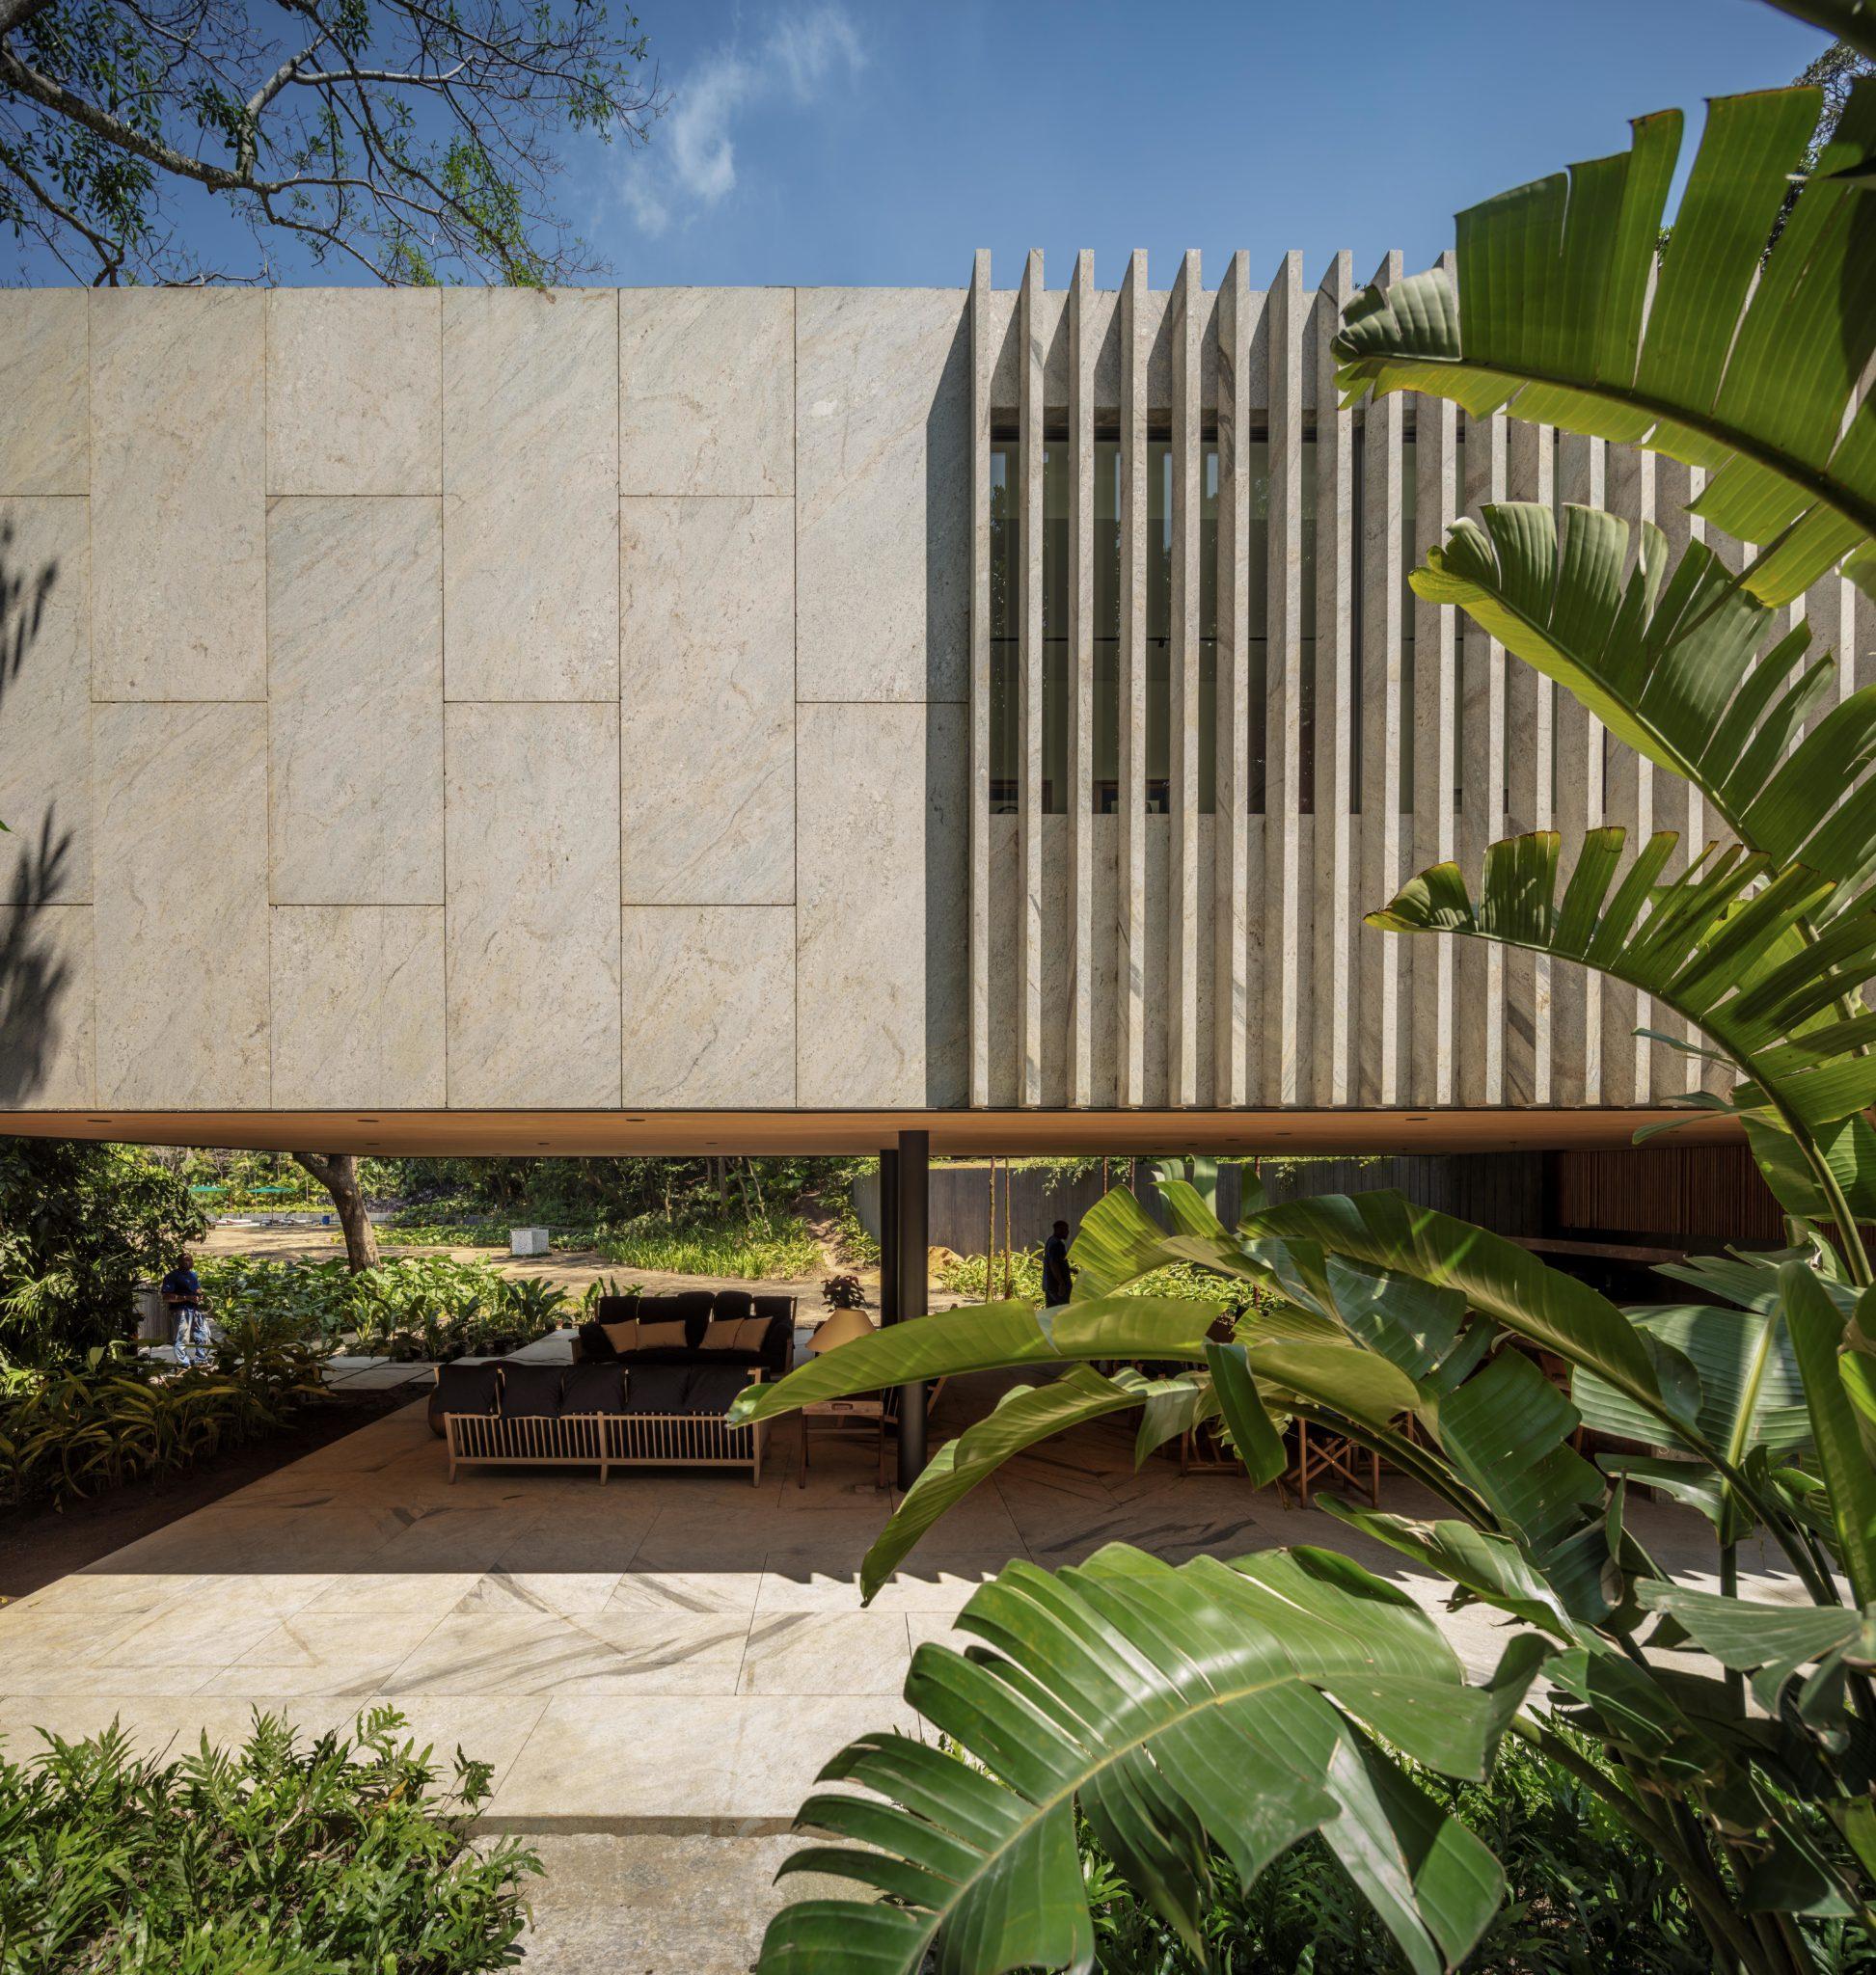 E' un progetto di Bernardes Arquitetura